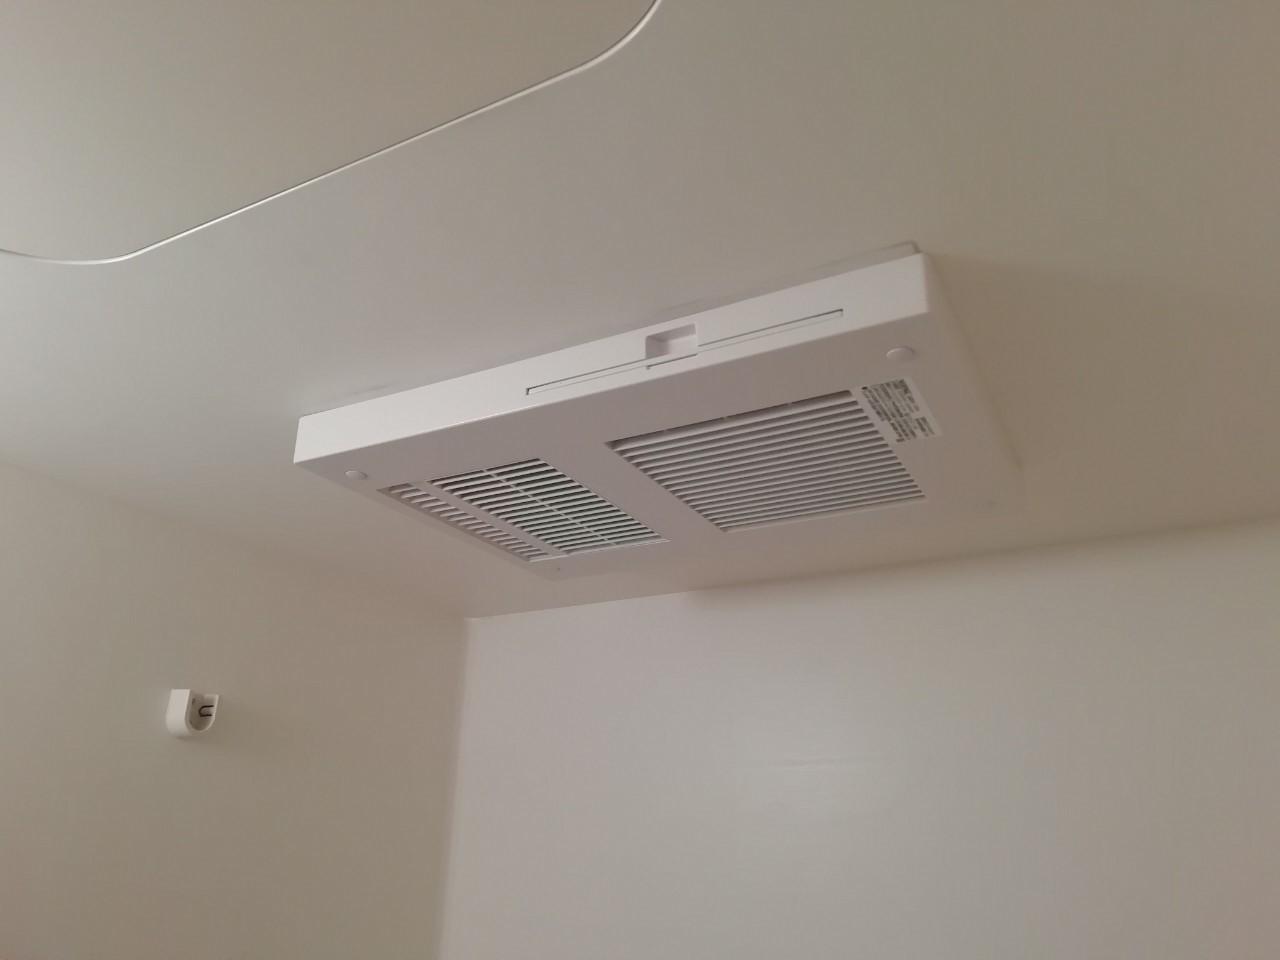 浴室暖房乾燥機の交換工事(マックス BS-132EHA)【京都市左京区高野】